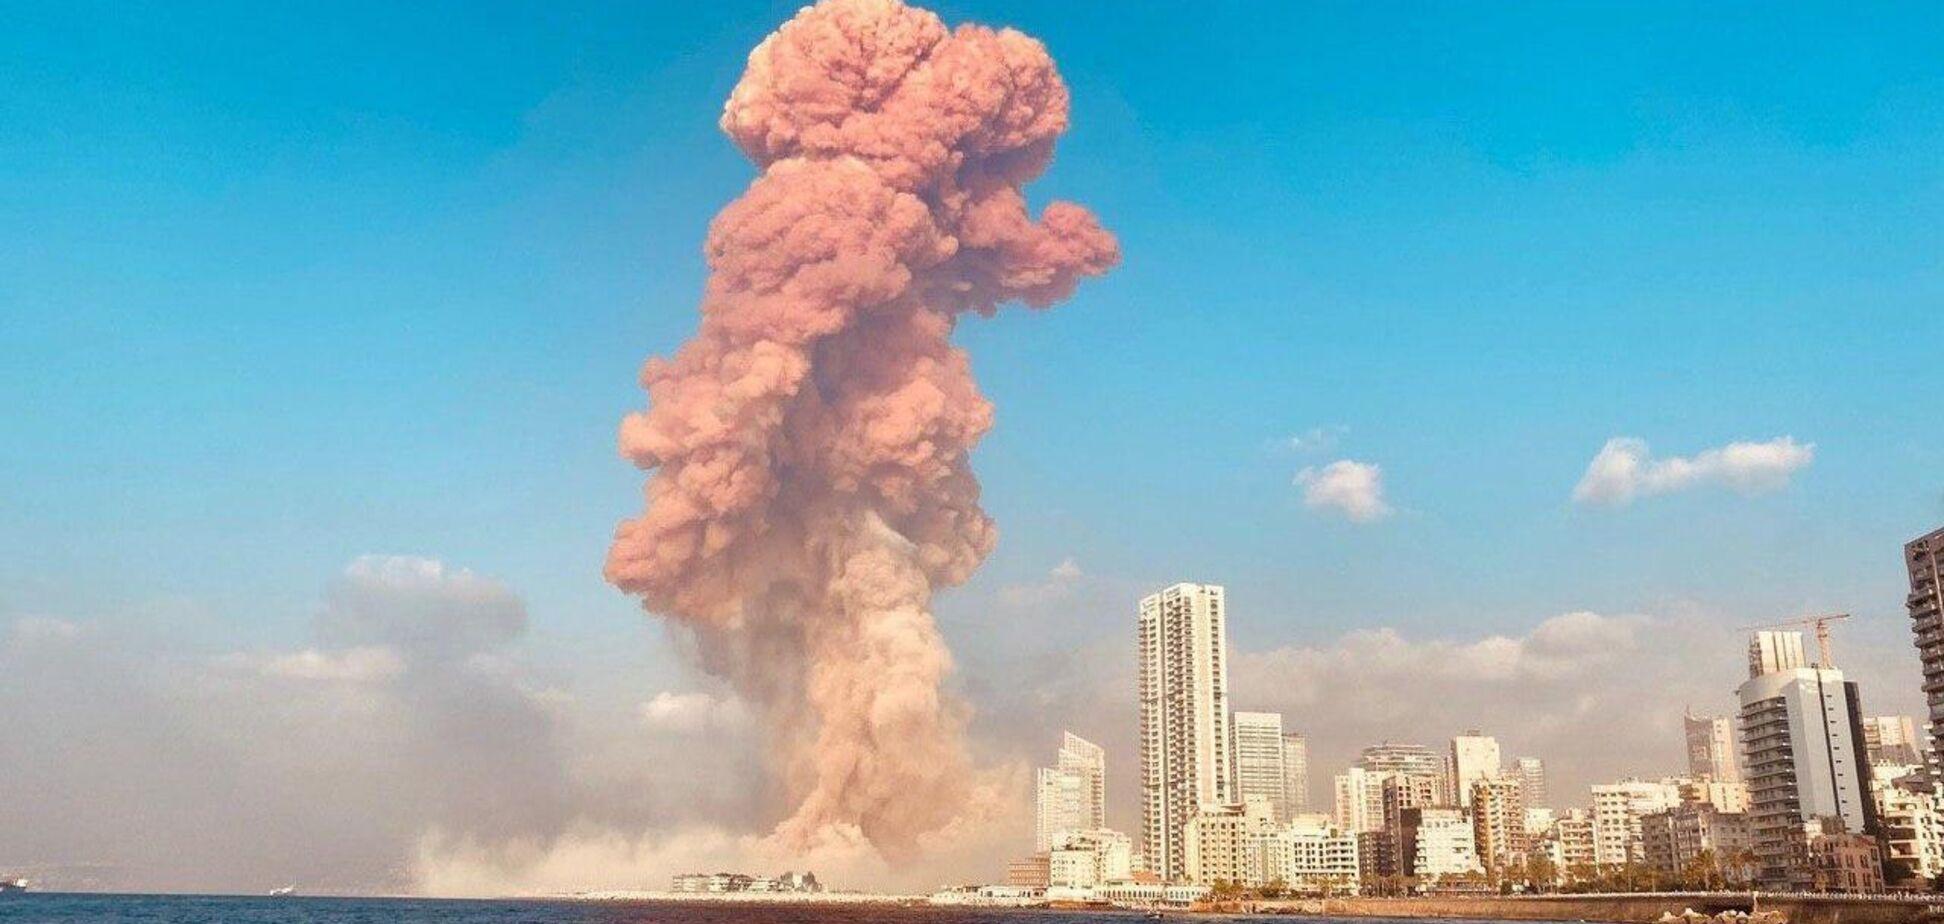 Террористы скапливают такое количество взрывчатки, что может снести половину города